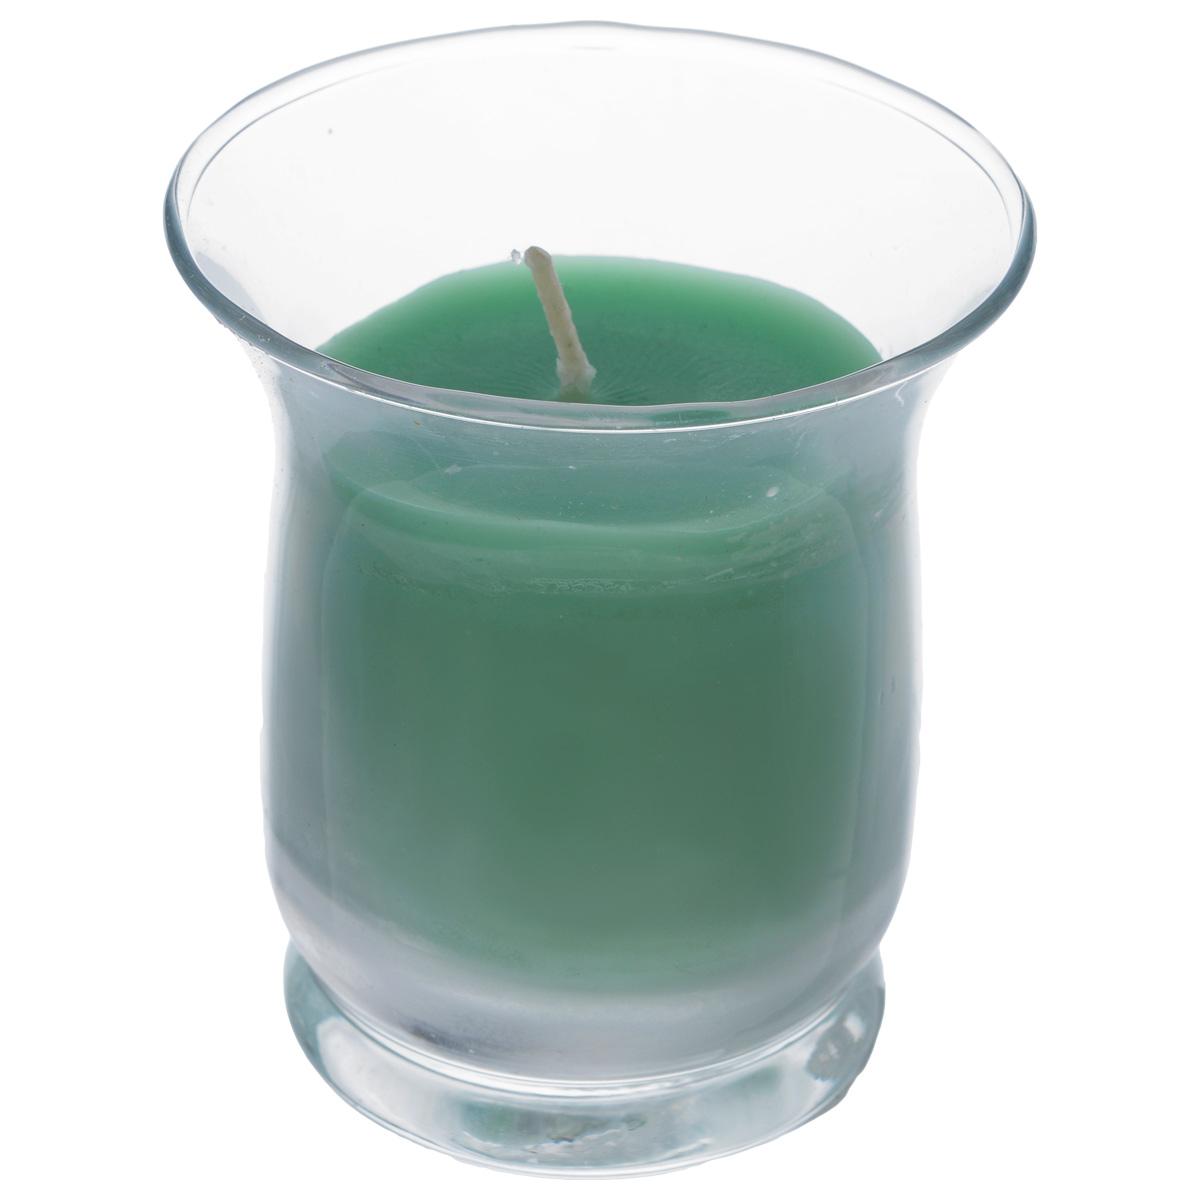 Свеча Sima-land Романтика, с ароматом яблока, высота 7,5 см12723Ароматизированная свеча Sima-land Романтика изготовлена из воска и поставляется в подсвечнике в виде стеклянного стакана. Изделие отличается оригинальным дизайном и приятным ароматом яблока. Такая свеча может стать отличным подарком или дополнить интерьер вашей комнаты.